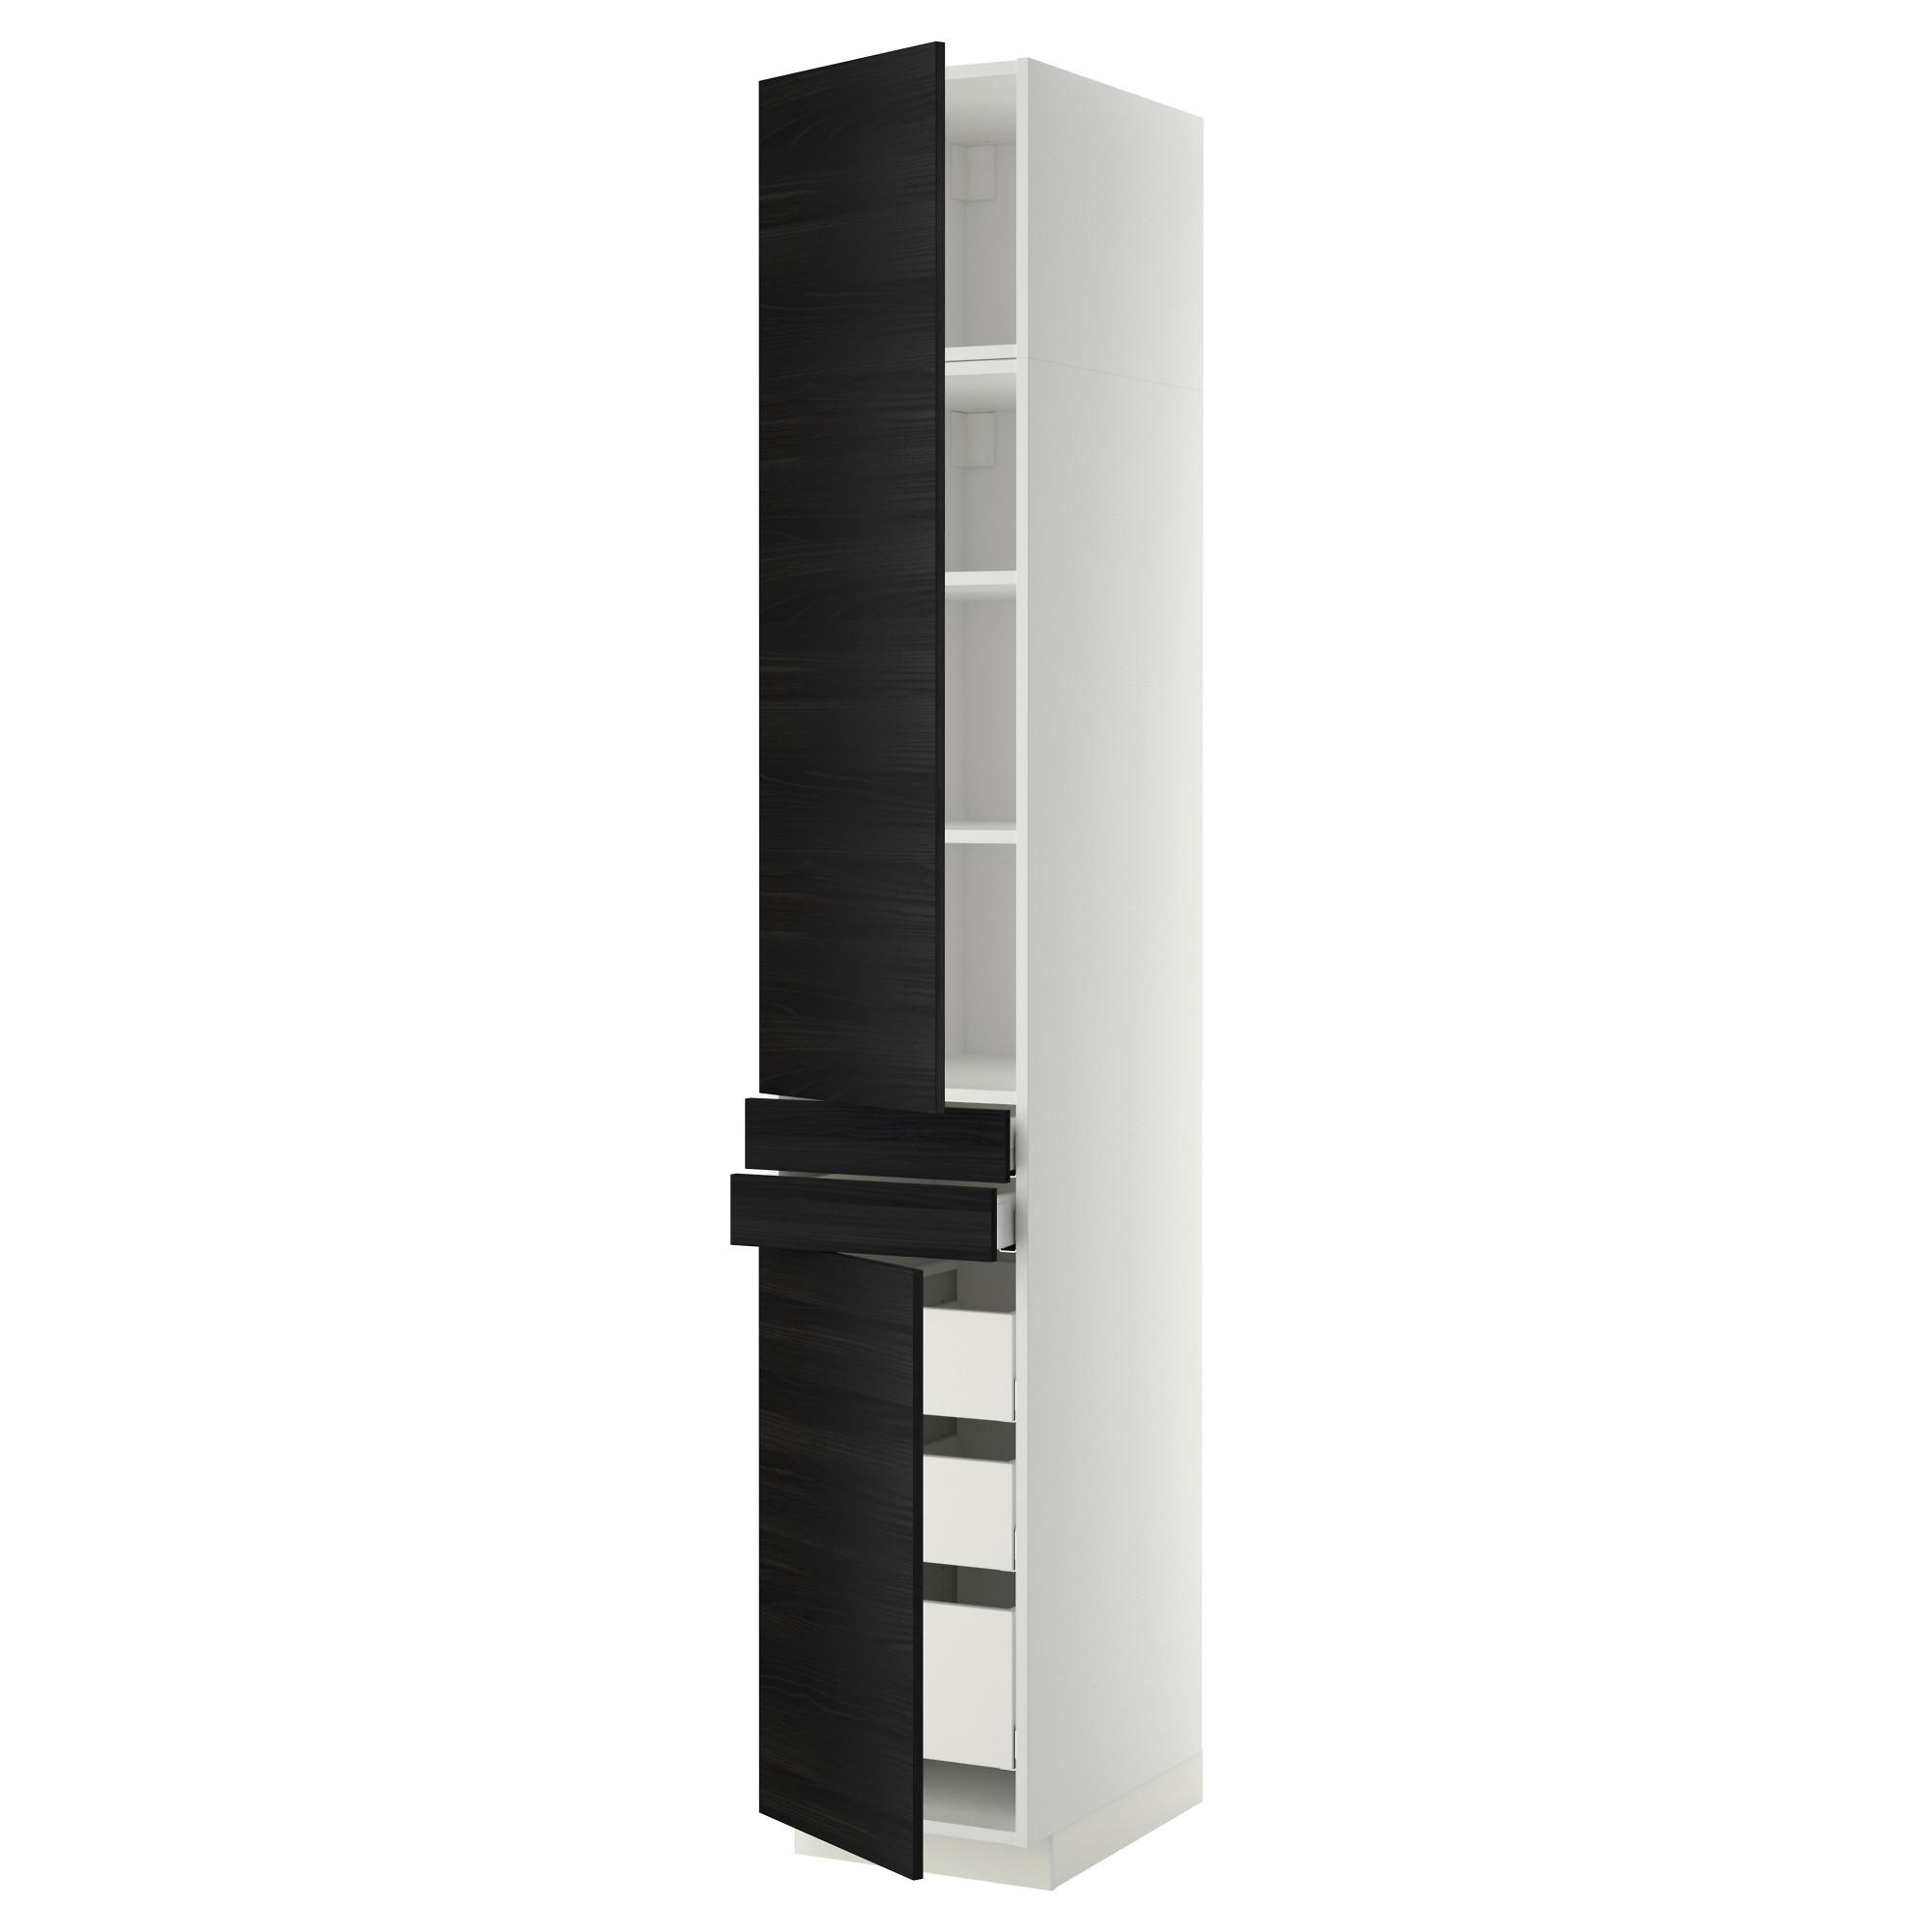 Высокий шкаф + полки, 5 ящиков, 2 дверцы, 2 фронтальных МЕТОД / МАКСИМЕРА черный артикуль № 392.364.79 в наличии. Онлайн магазин IKEA Беларусь. Недорогая доставка и монтаж.